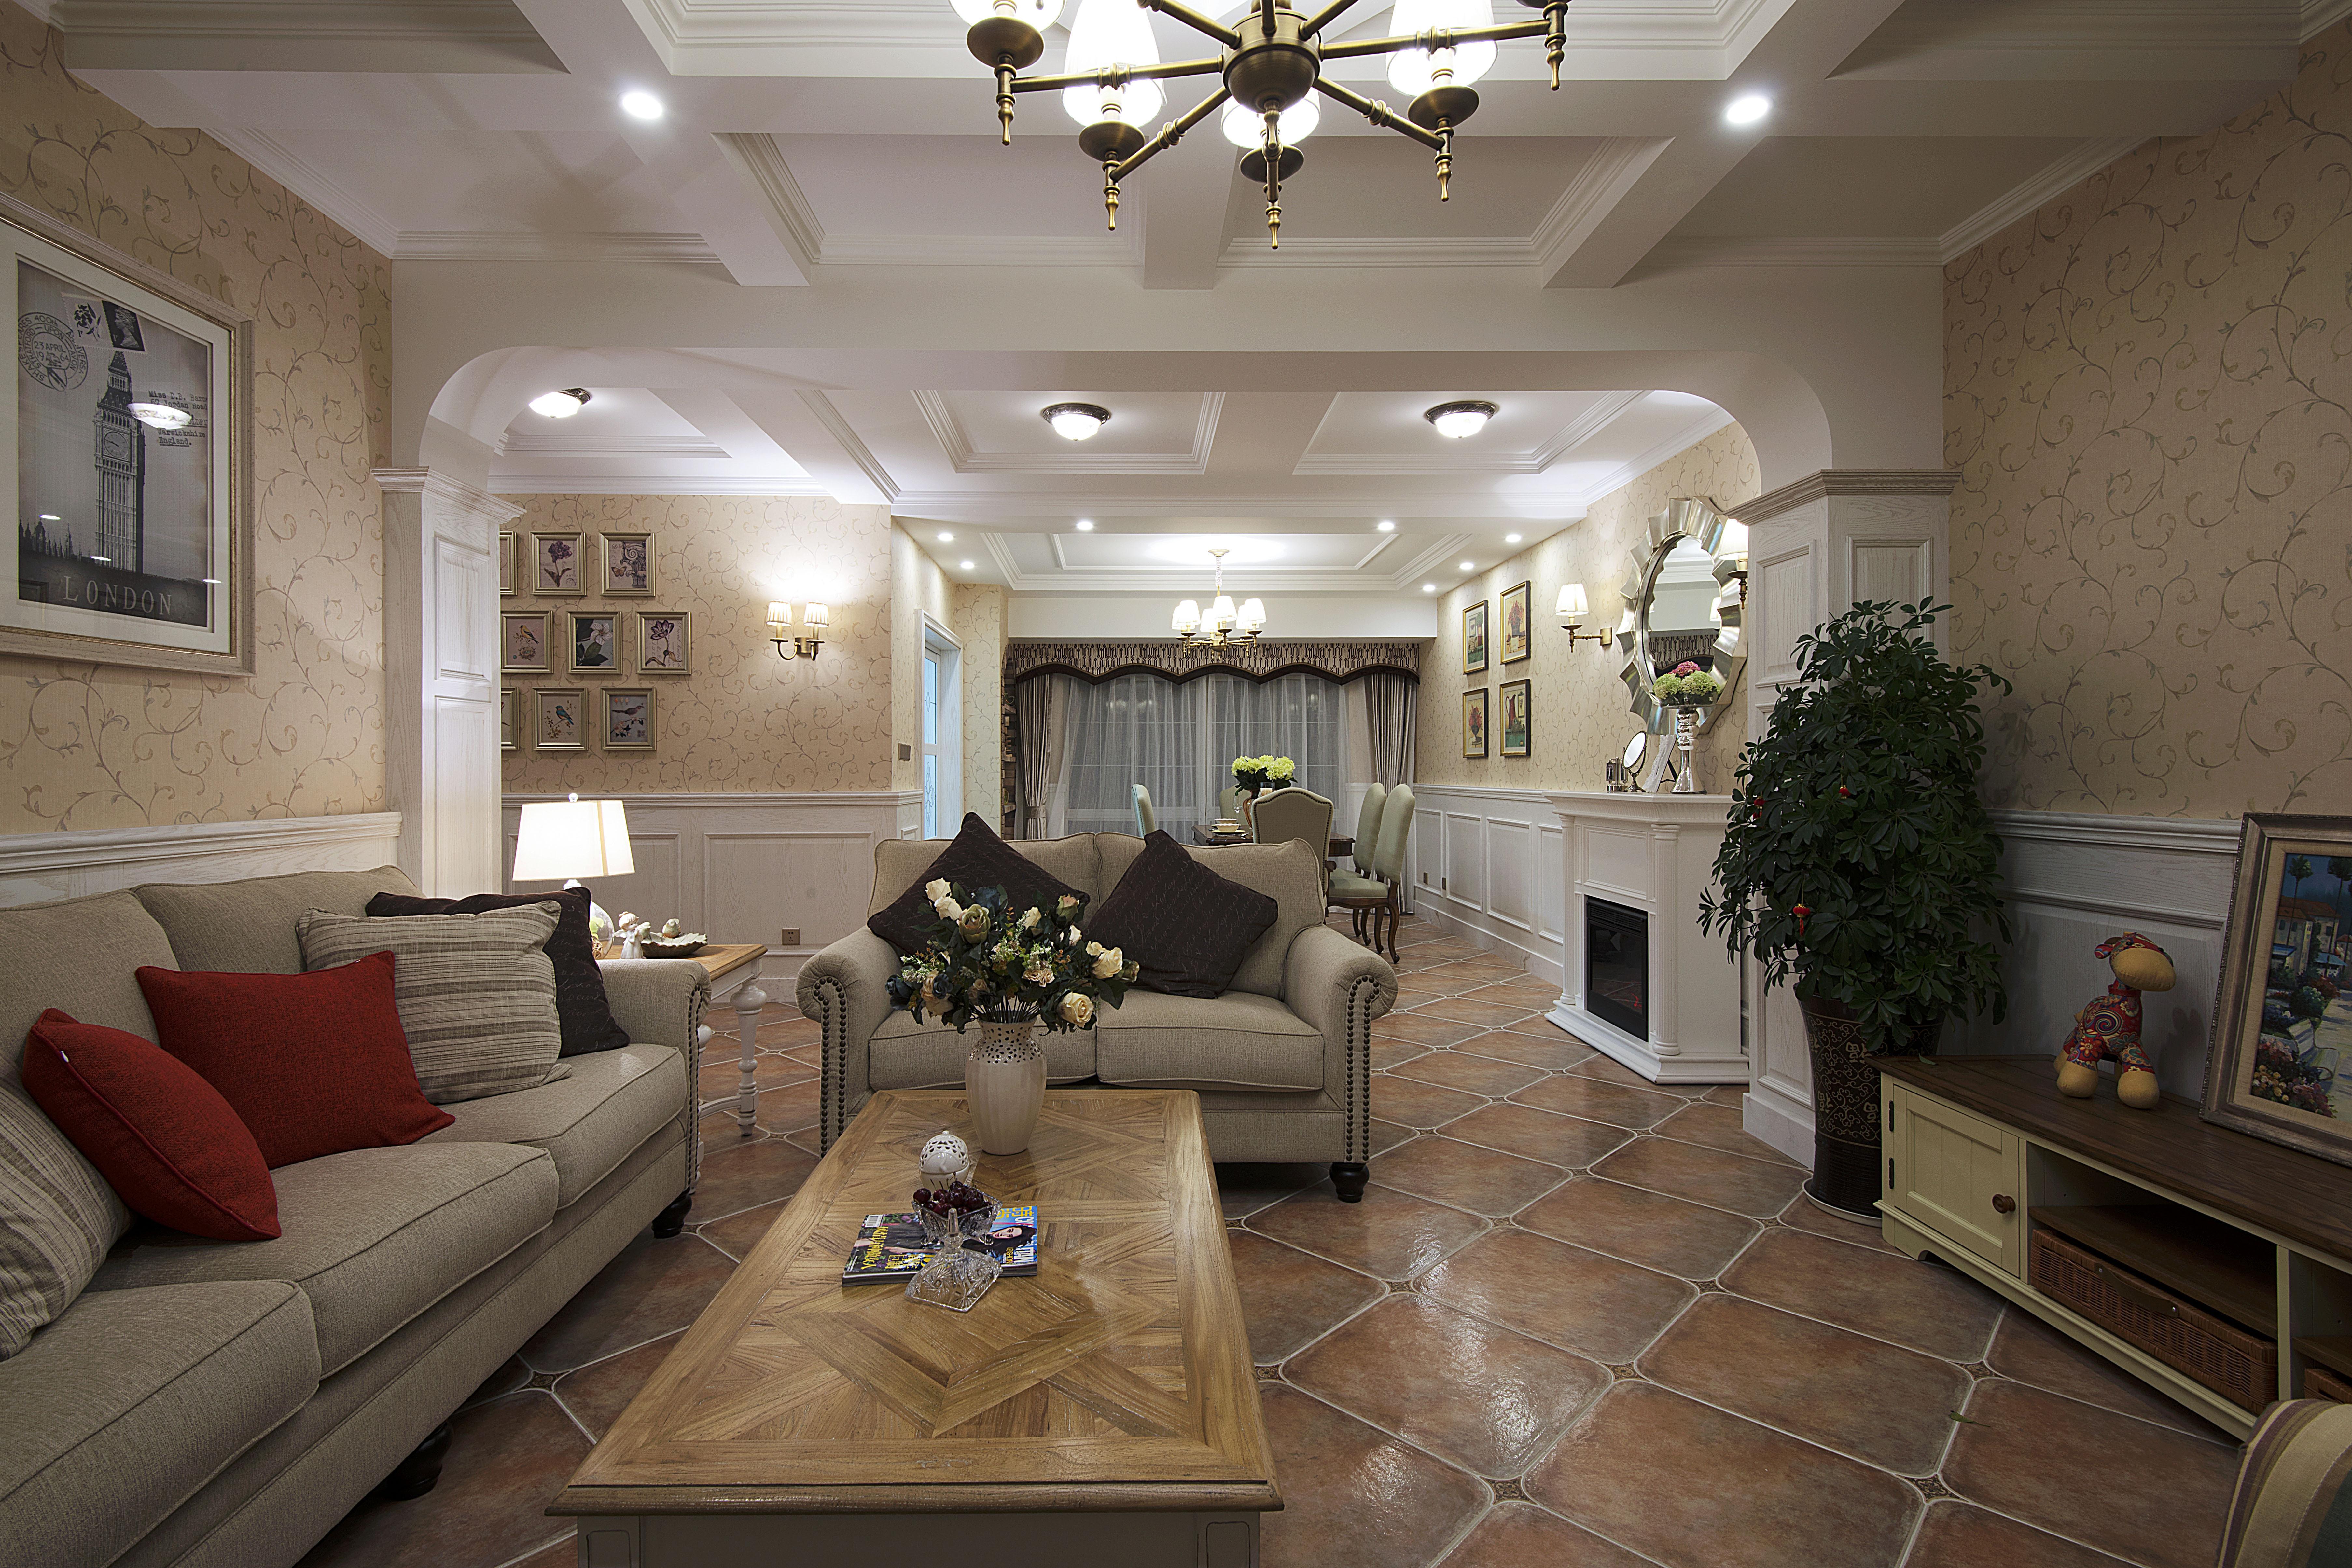 美式风格别墅设计客厅吊顶